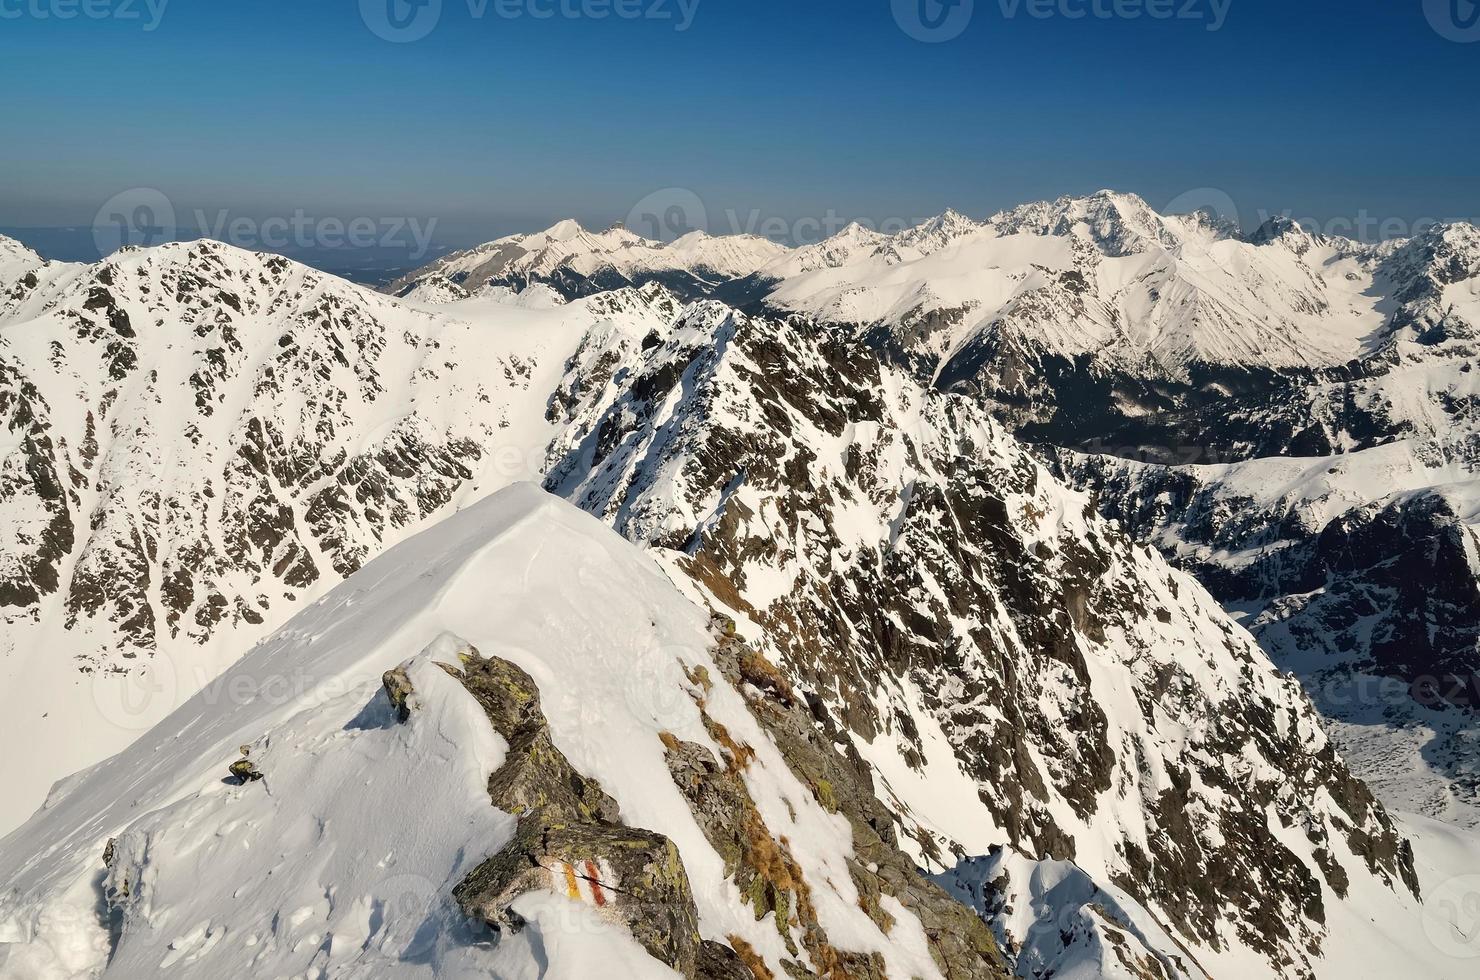 Winterlandschaft in den Bergen. foto